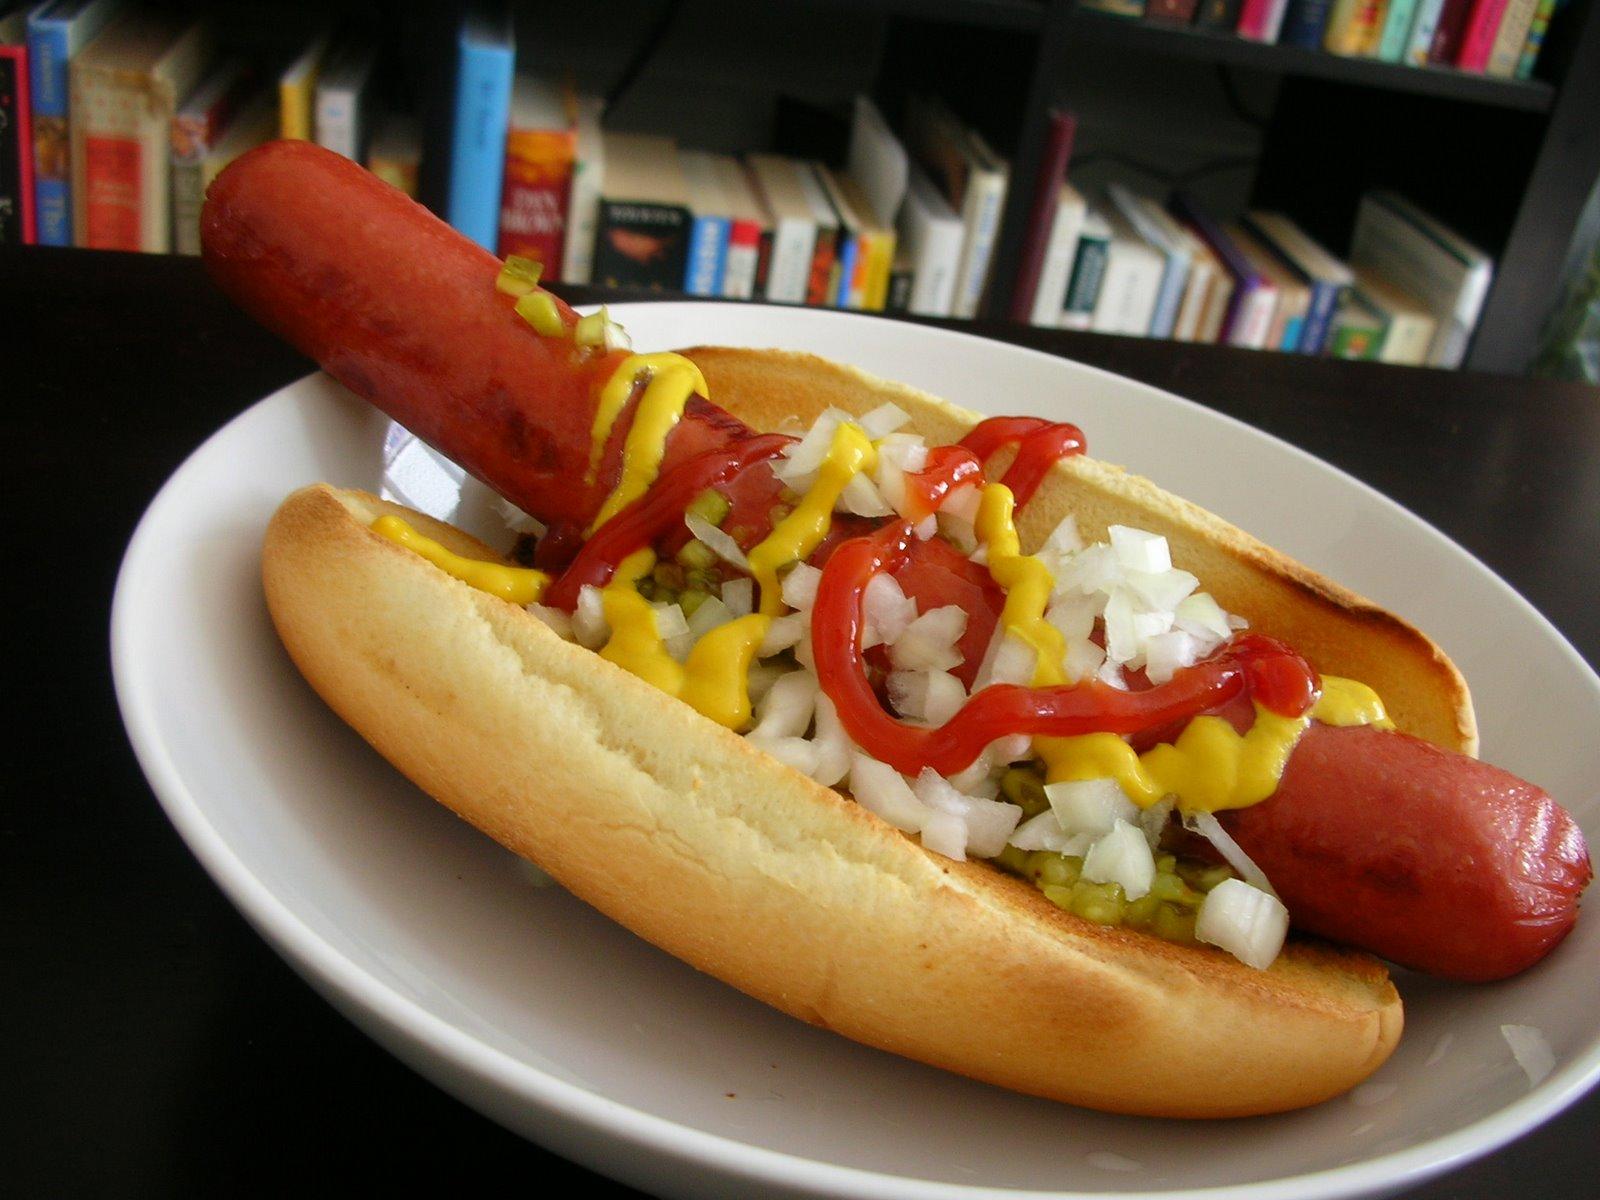 Costco Hot Dogs